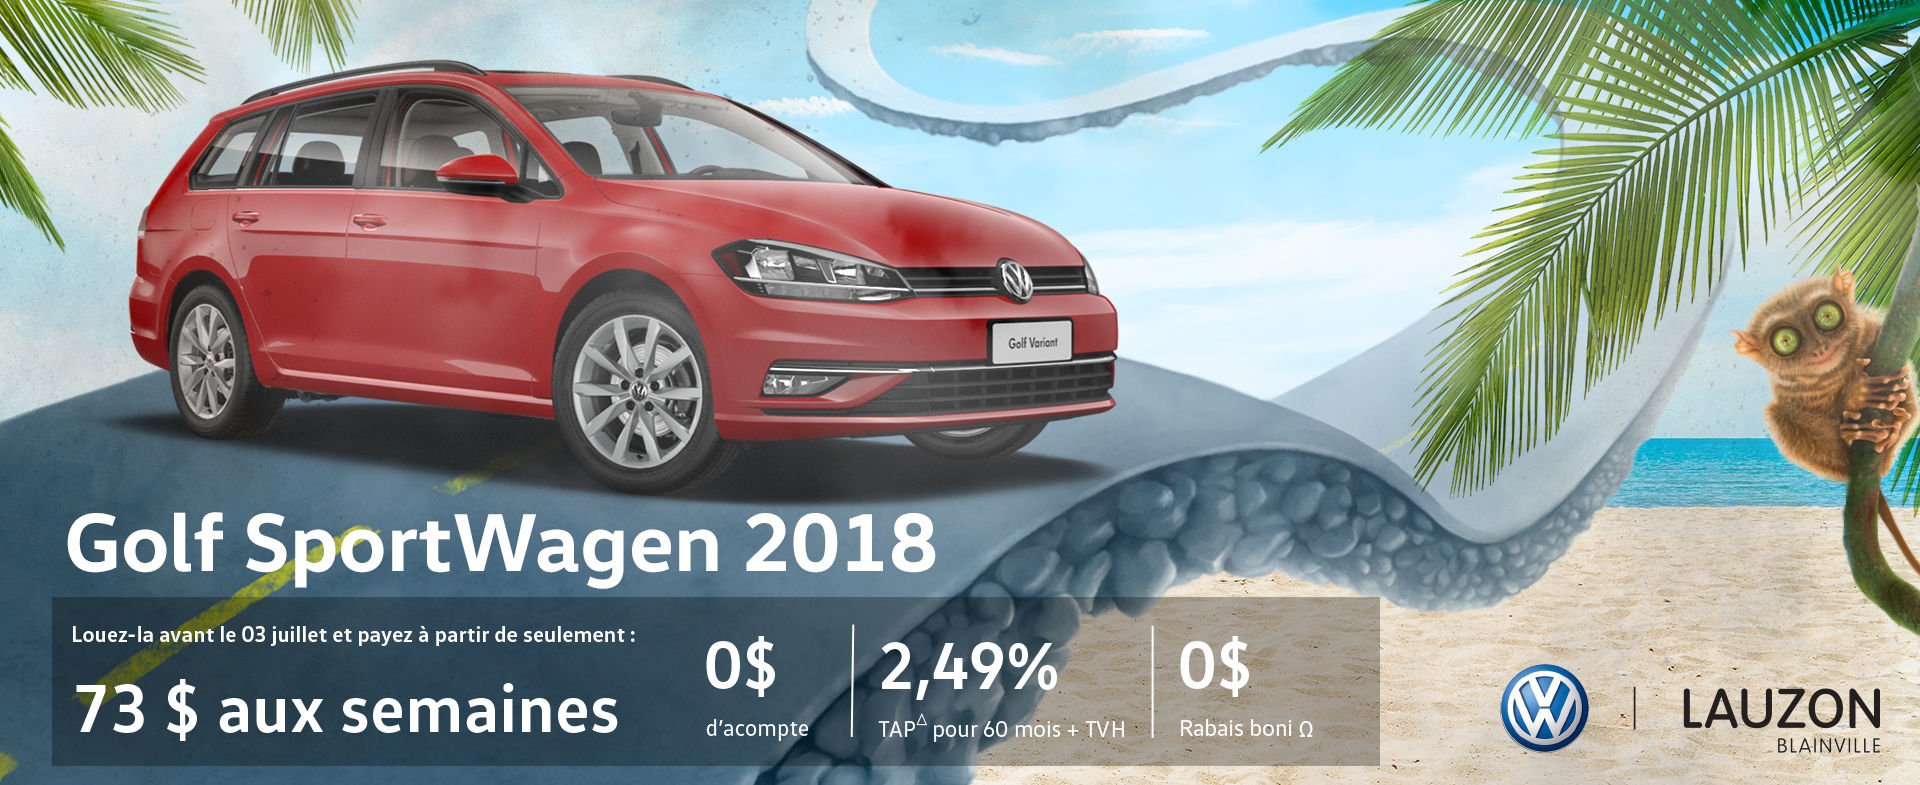 Golf Sportwagen 2018 - Programme Juin